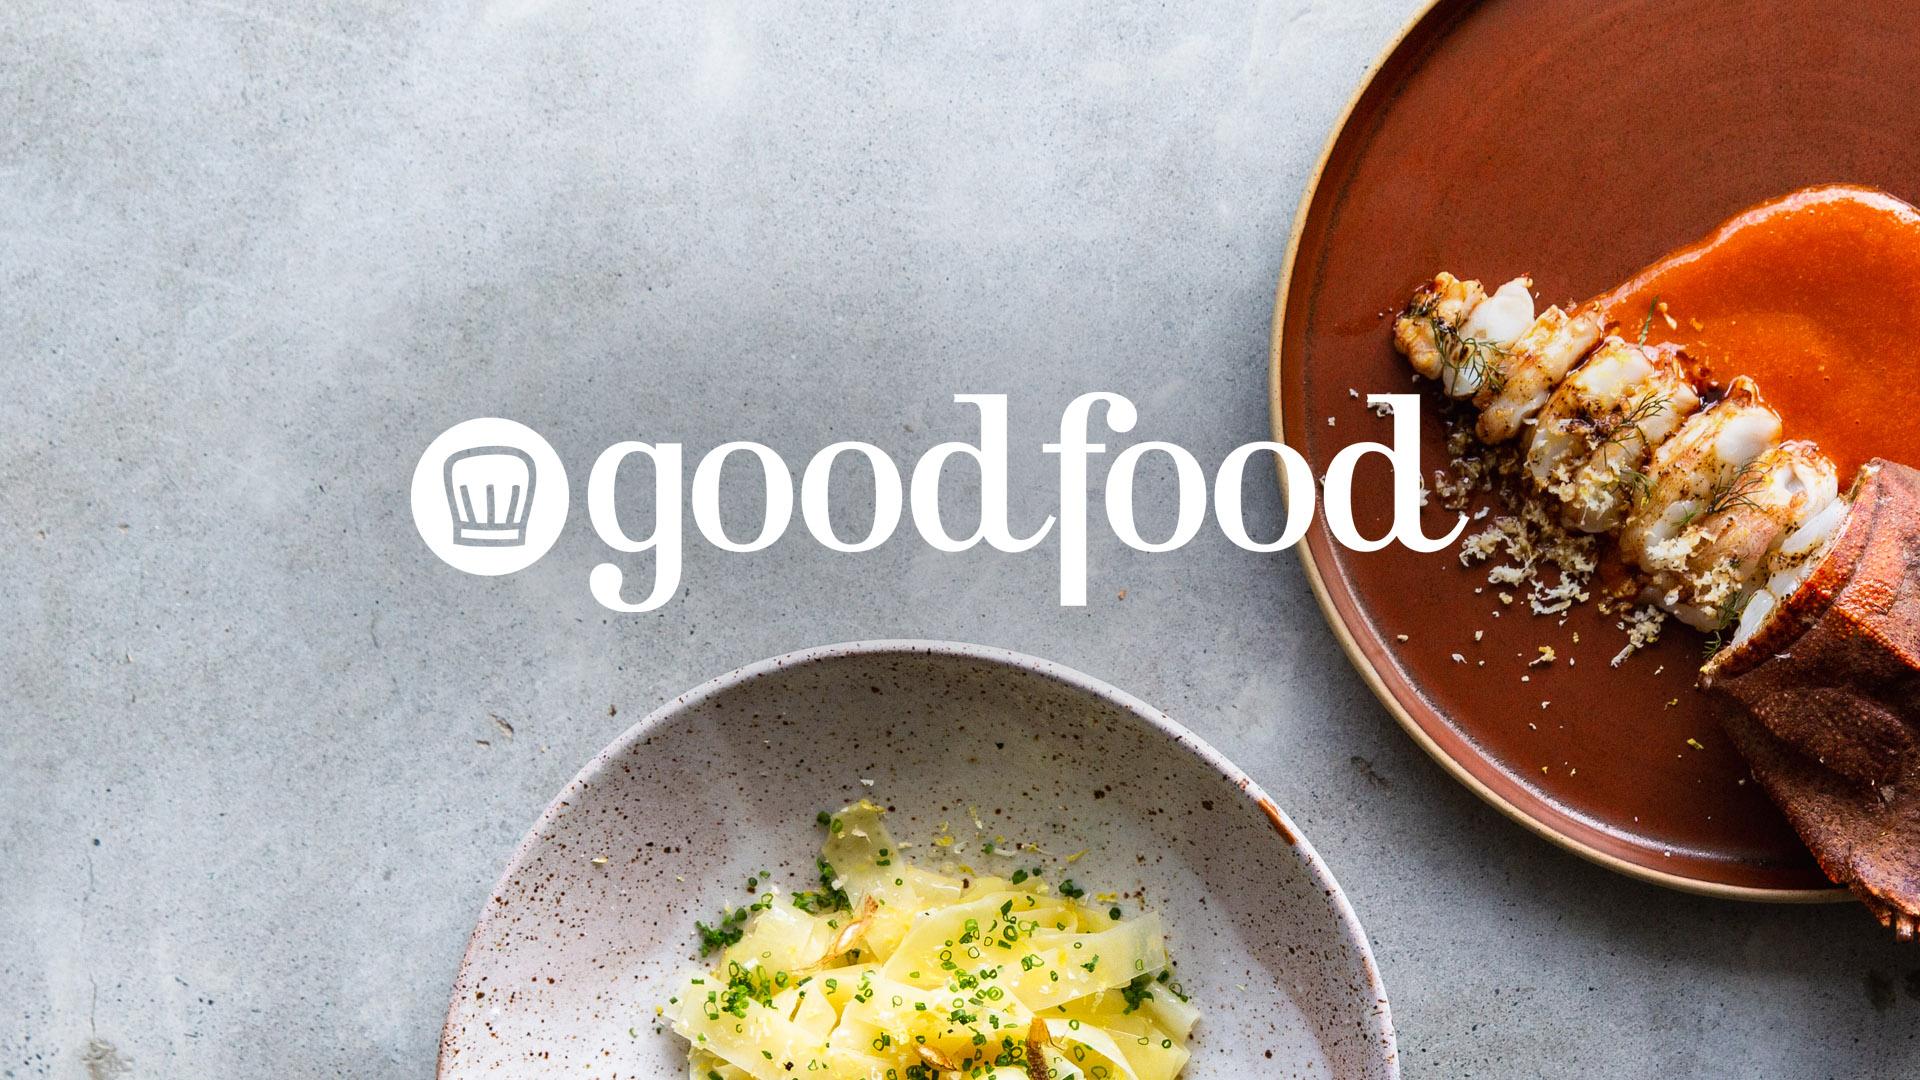 GOOD FOOD: LAUNCHES NEW GLOSSY MAGAZINE – VANA